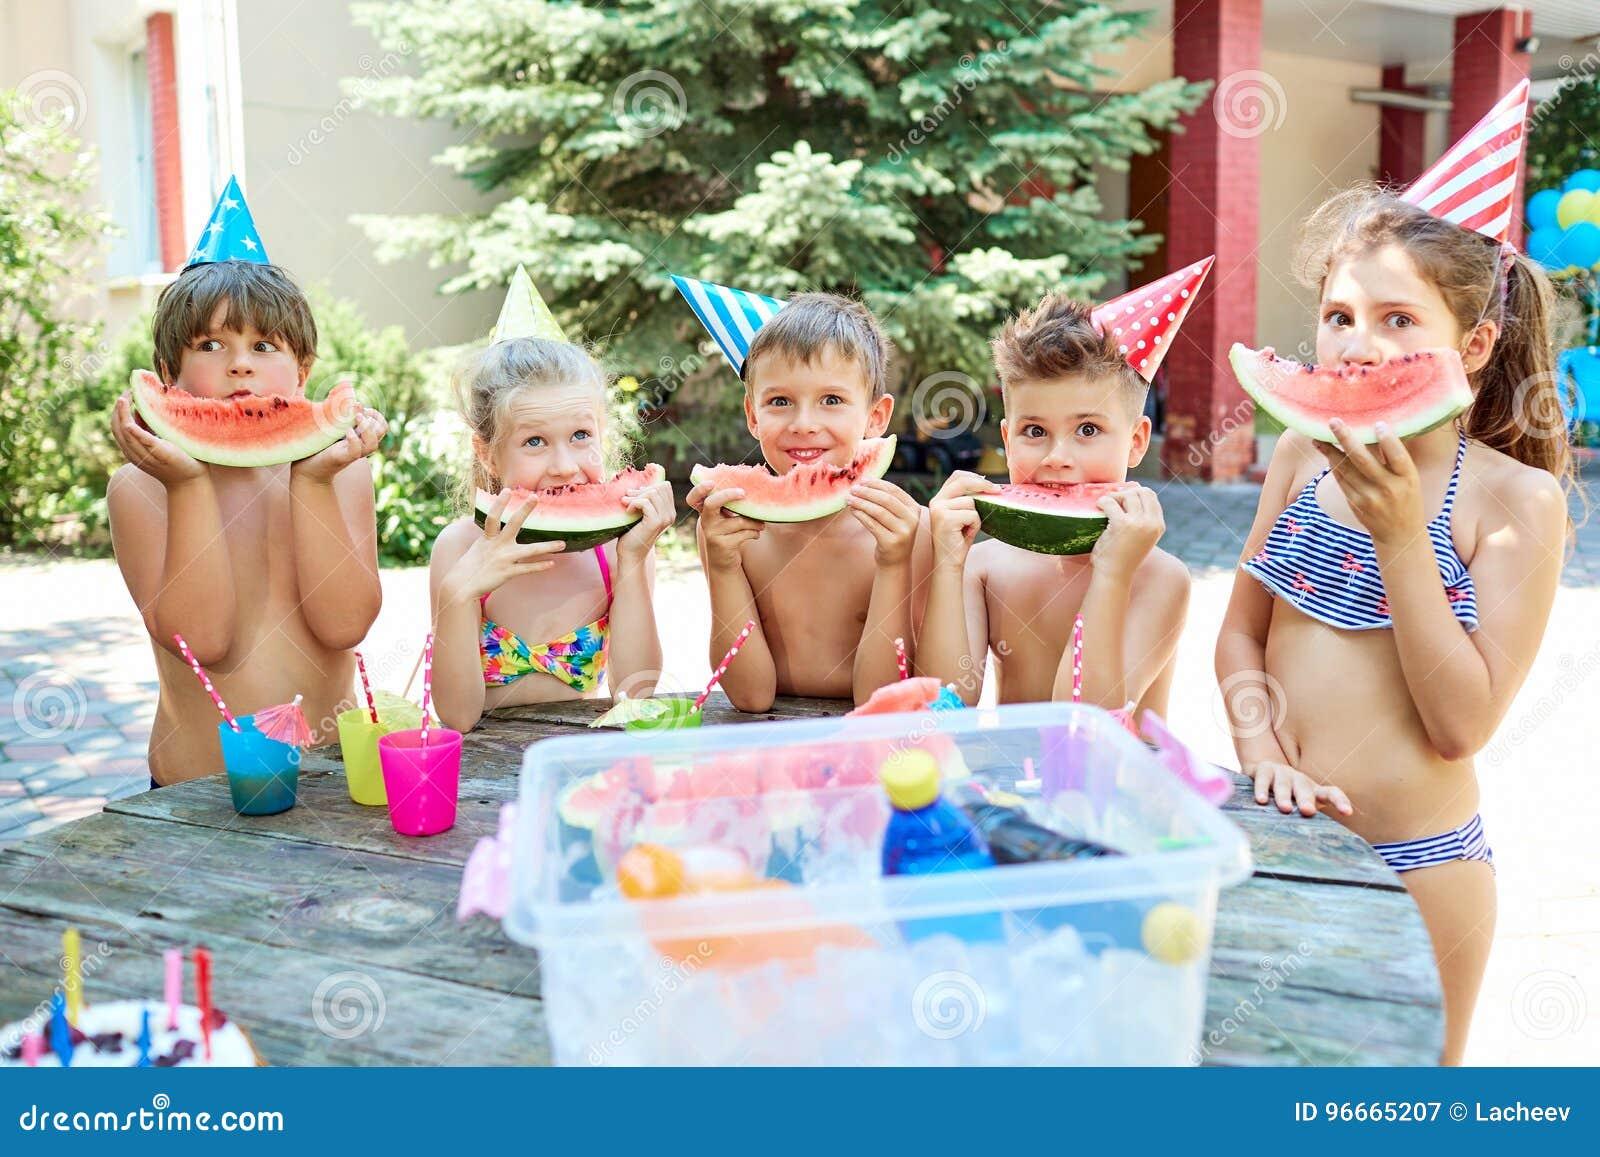 Decorazioni Bagno Bambini : Bambini in costumi da bagno con le angurie al loro compleanno